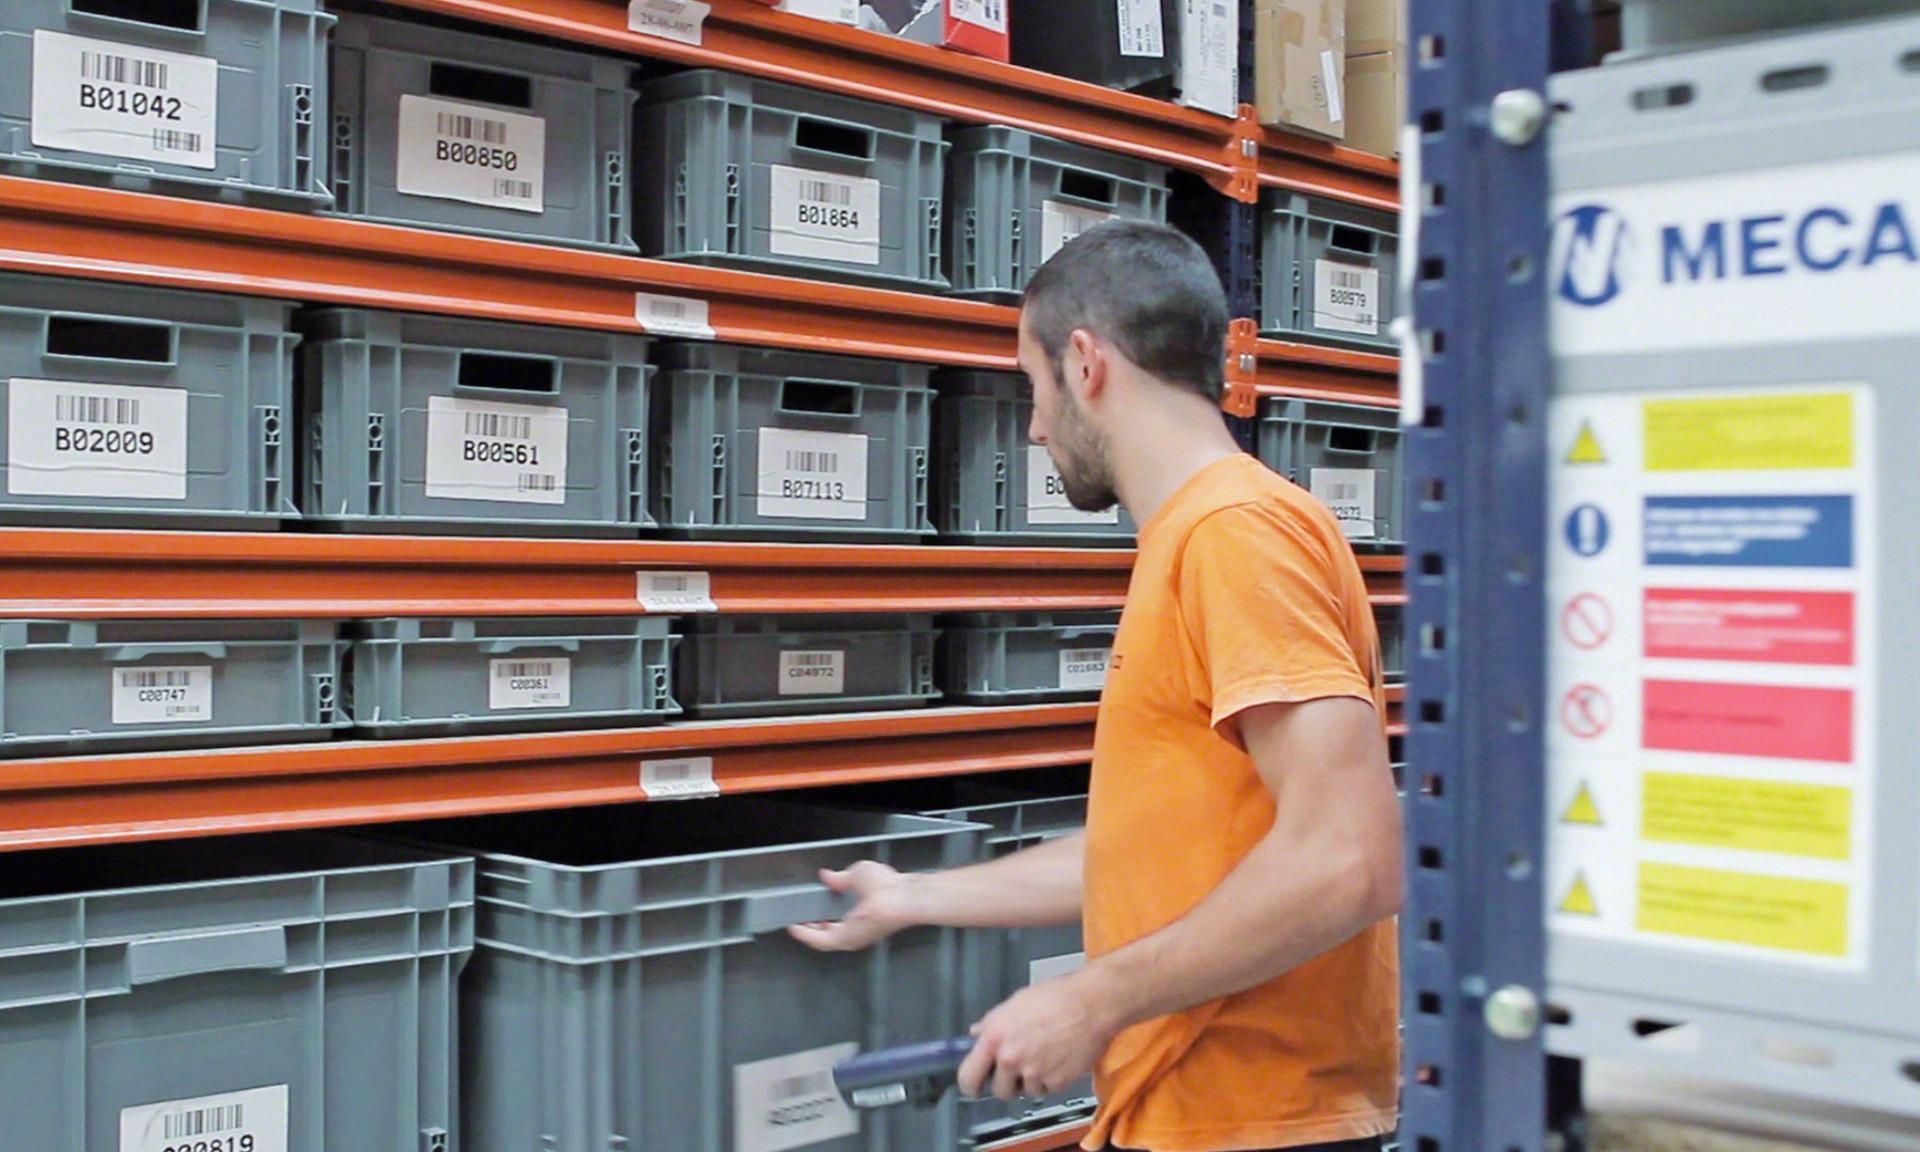 A implementação do Easy WMS proporciona as ferramentas necessárias para otimizar e controlar os processos inerentes ao armazém